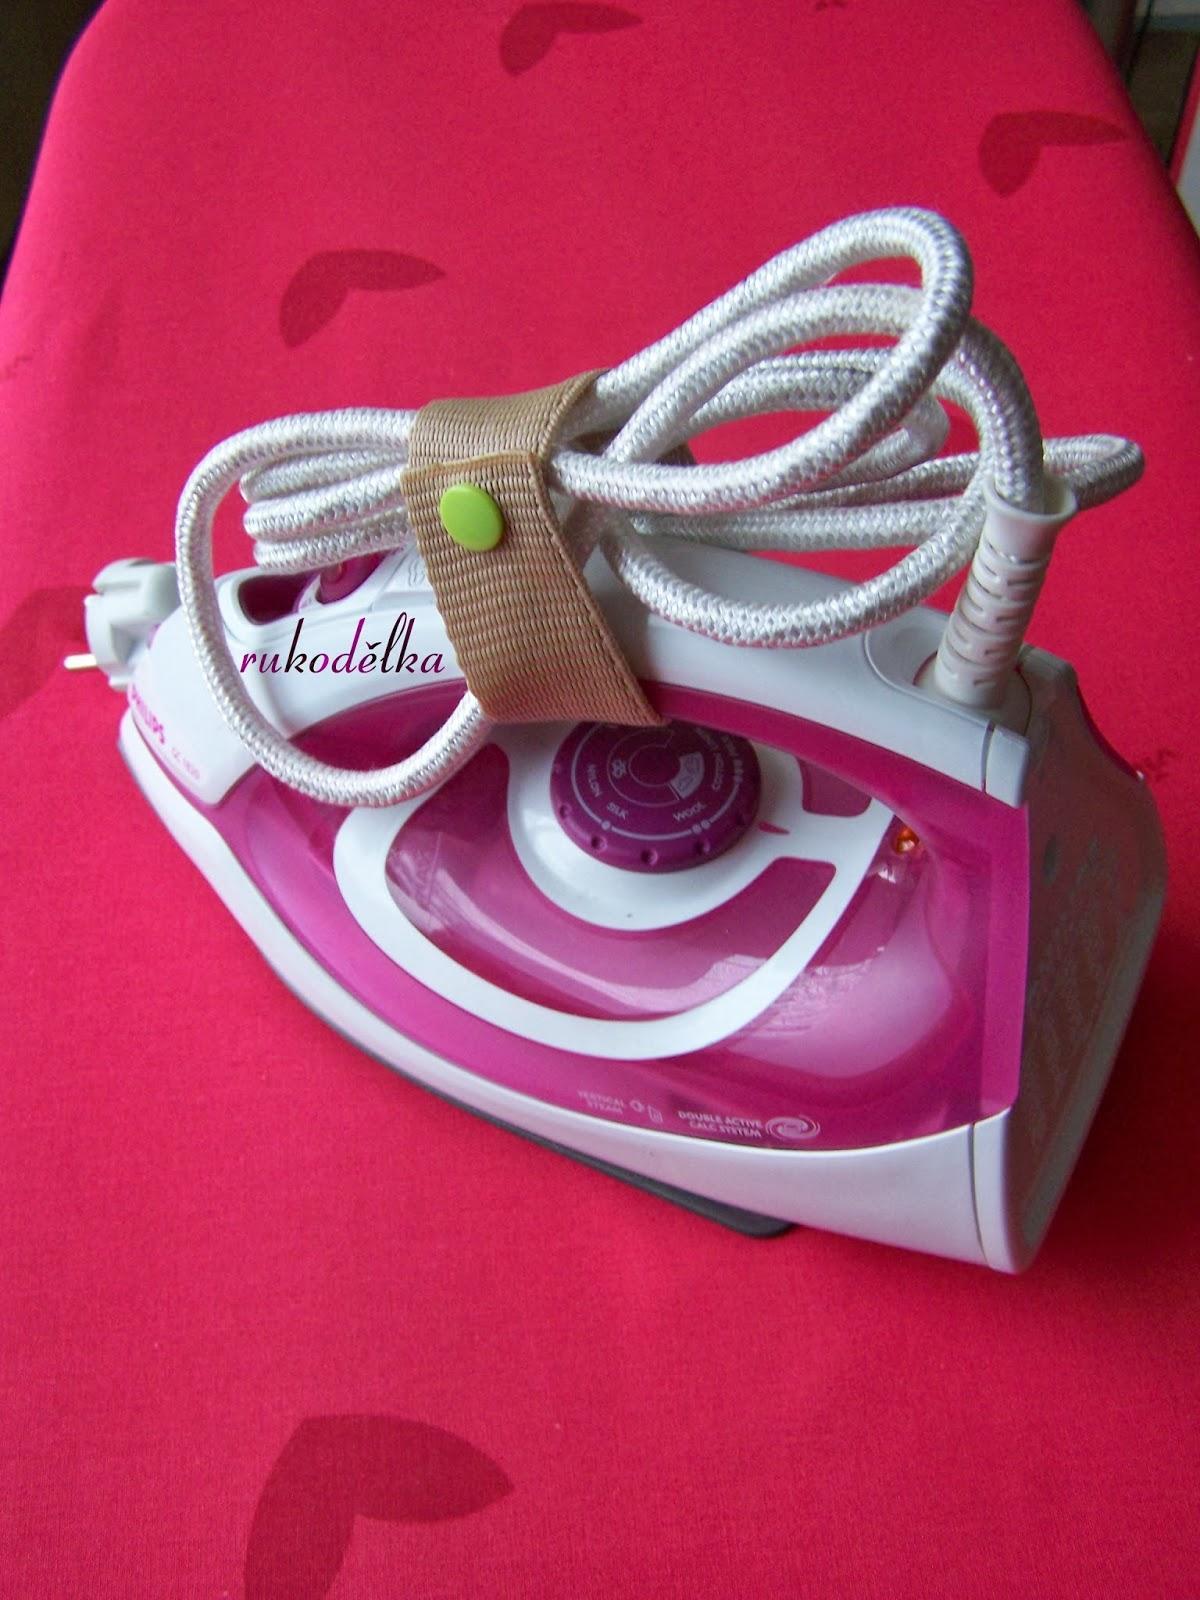 Zlepšováky, nápady, vychytávky - Pre poslusny kabel